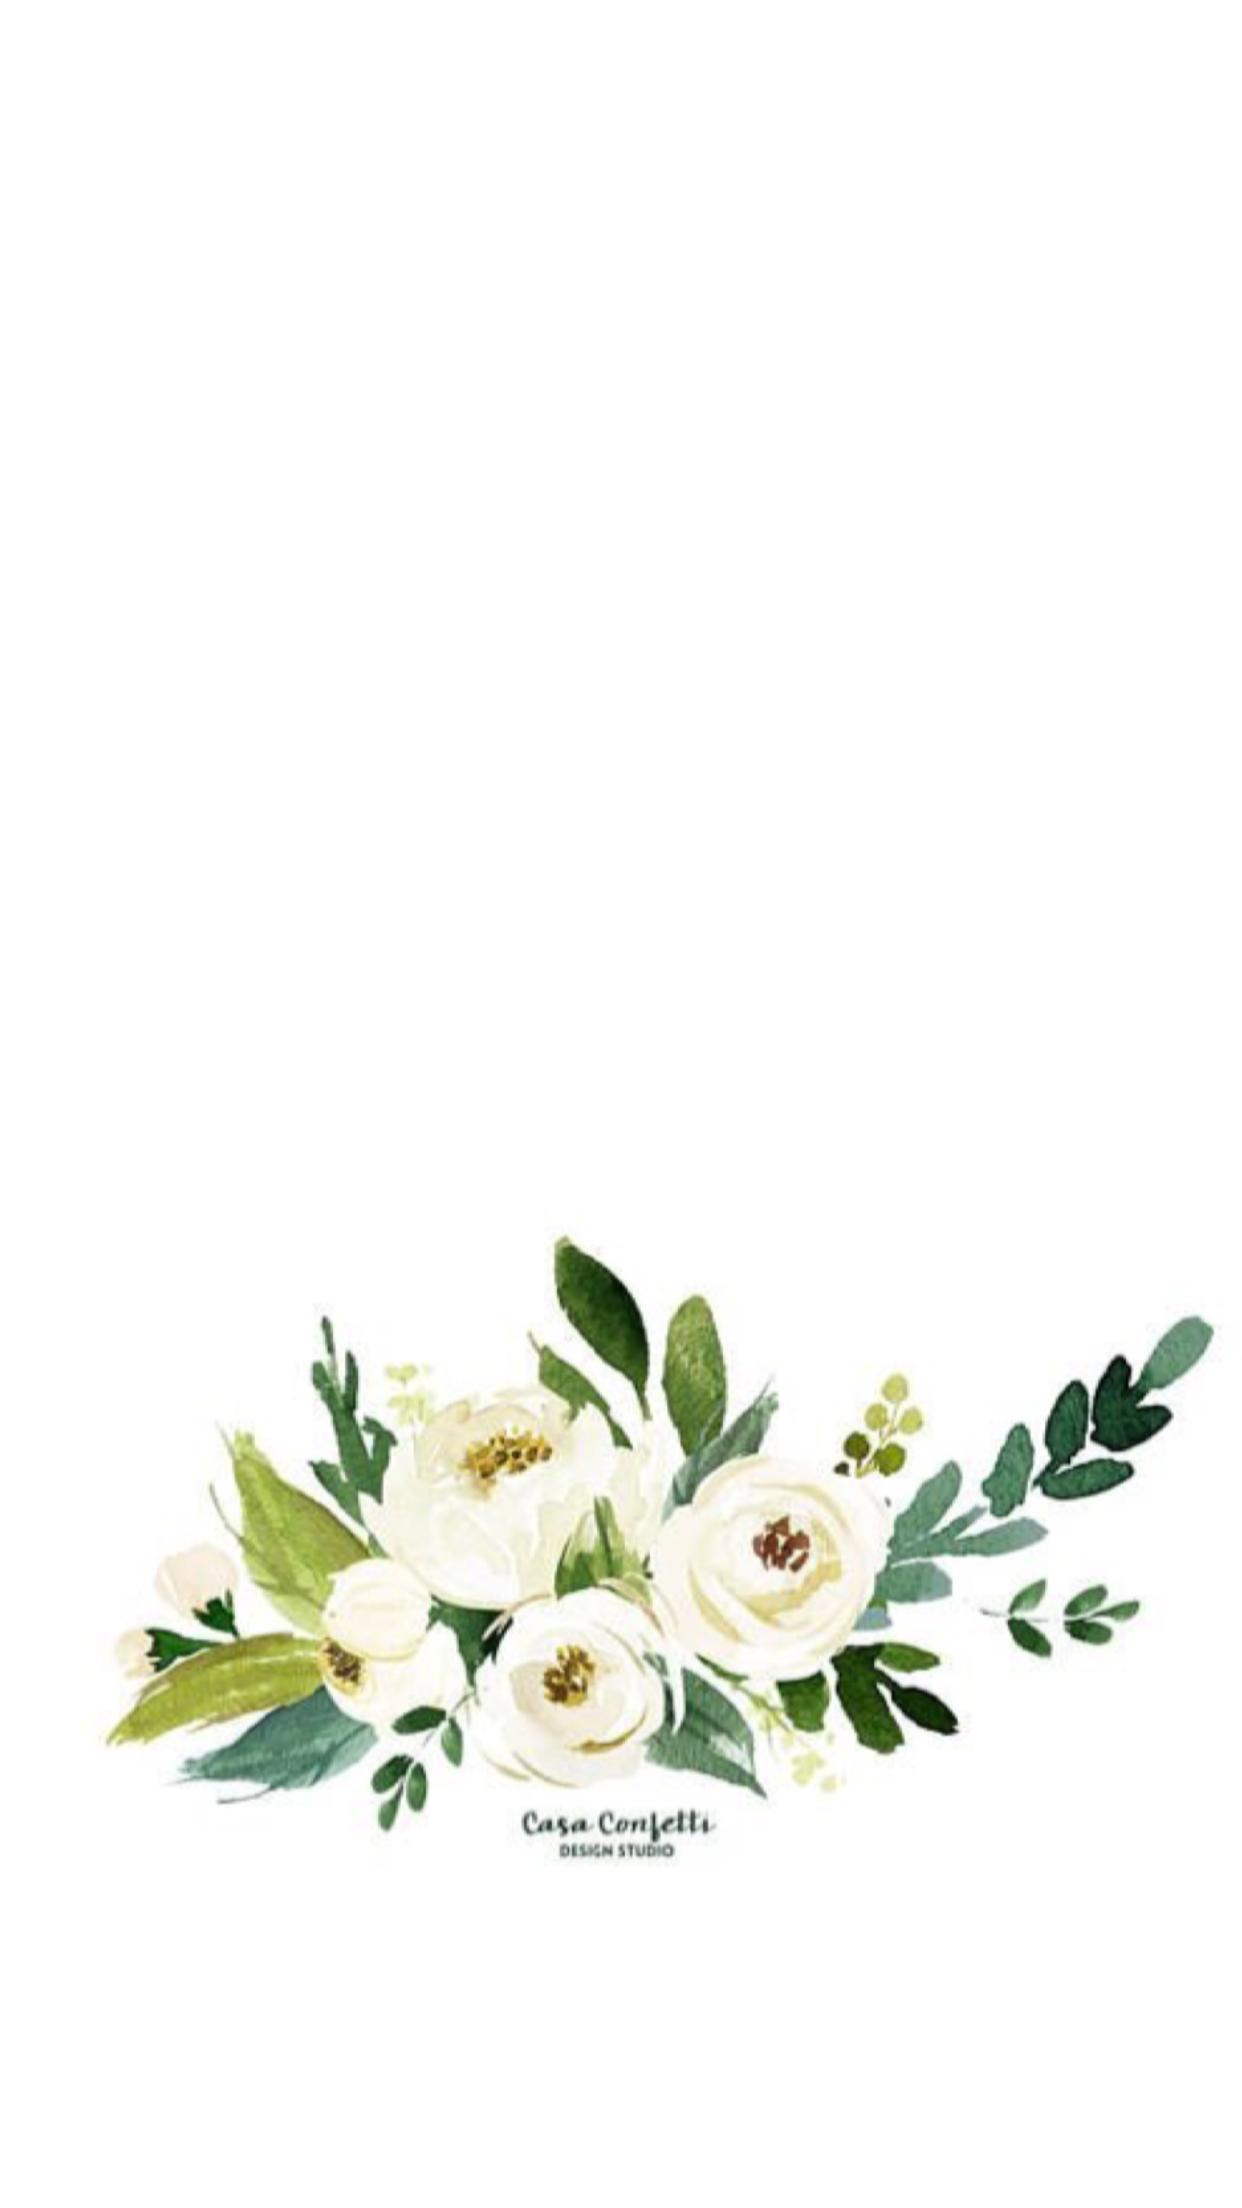 Infografiasllkkl Tarjetas Para Novios Acuarela Floral Fondos De Flores